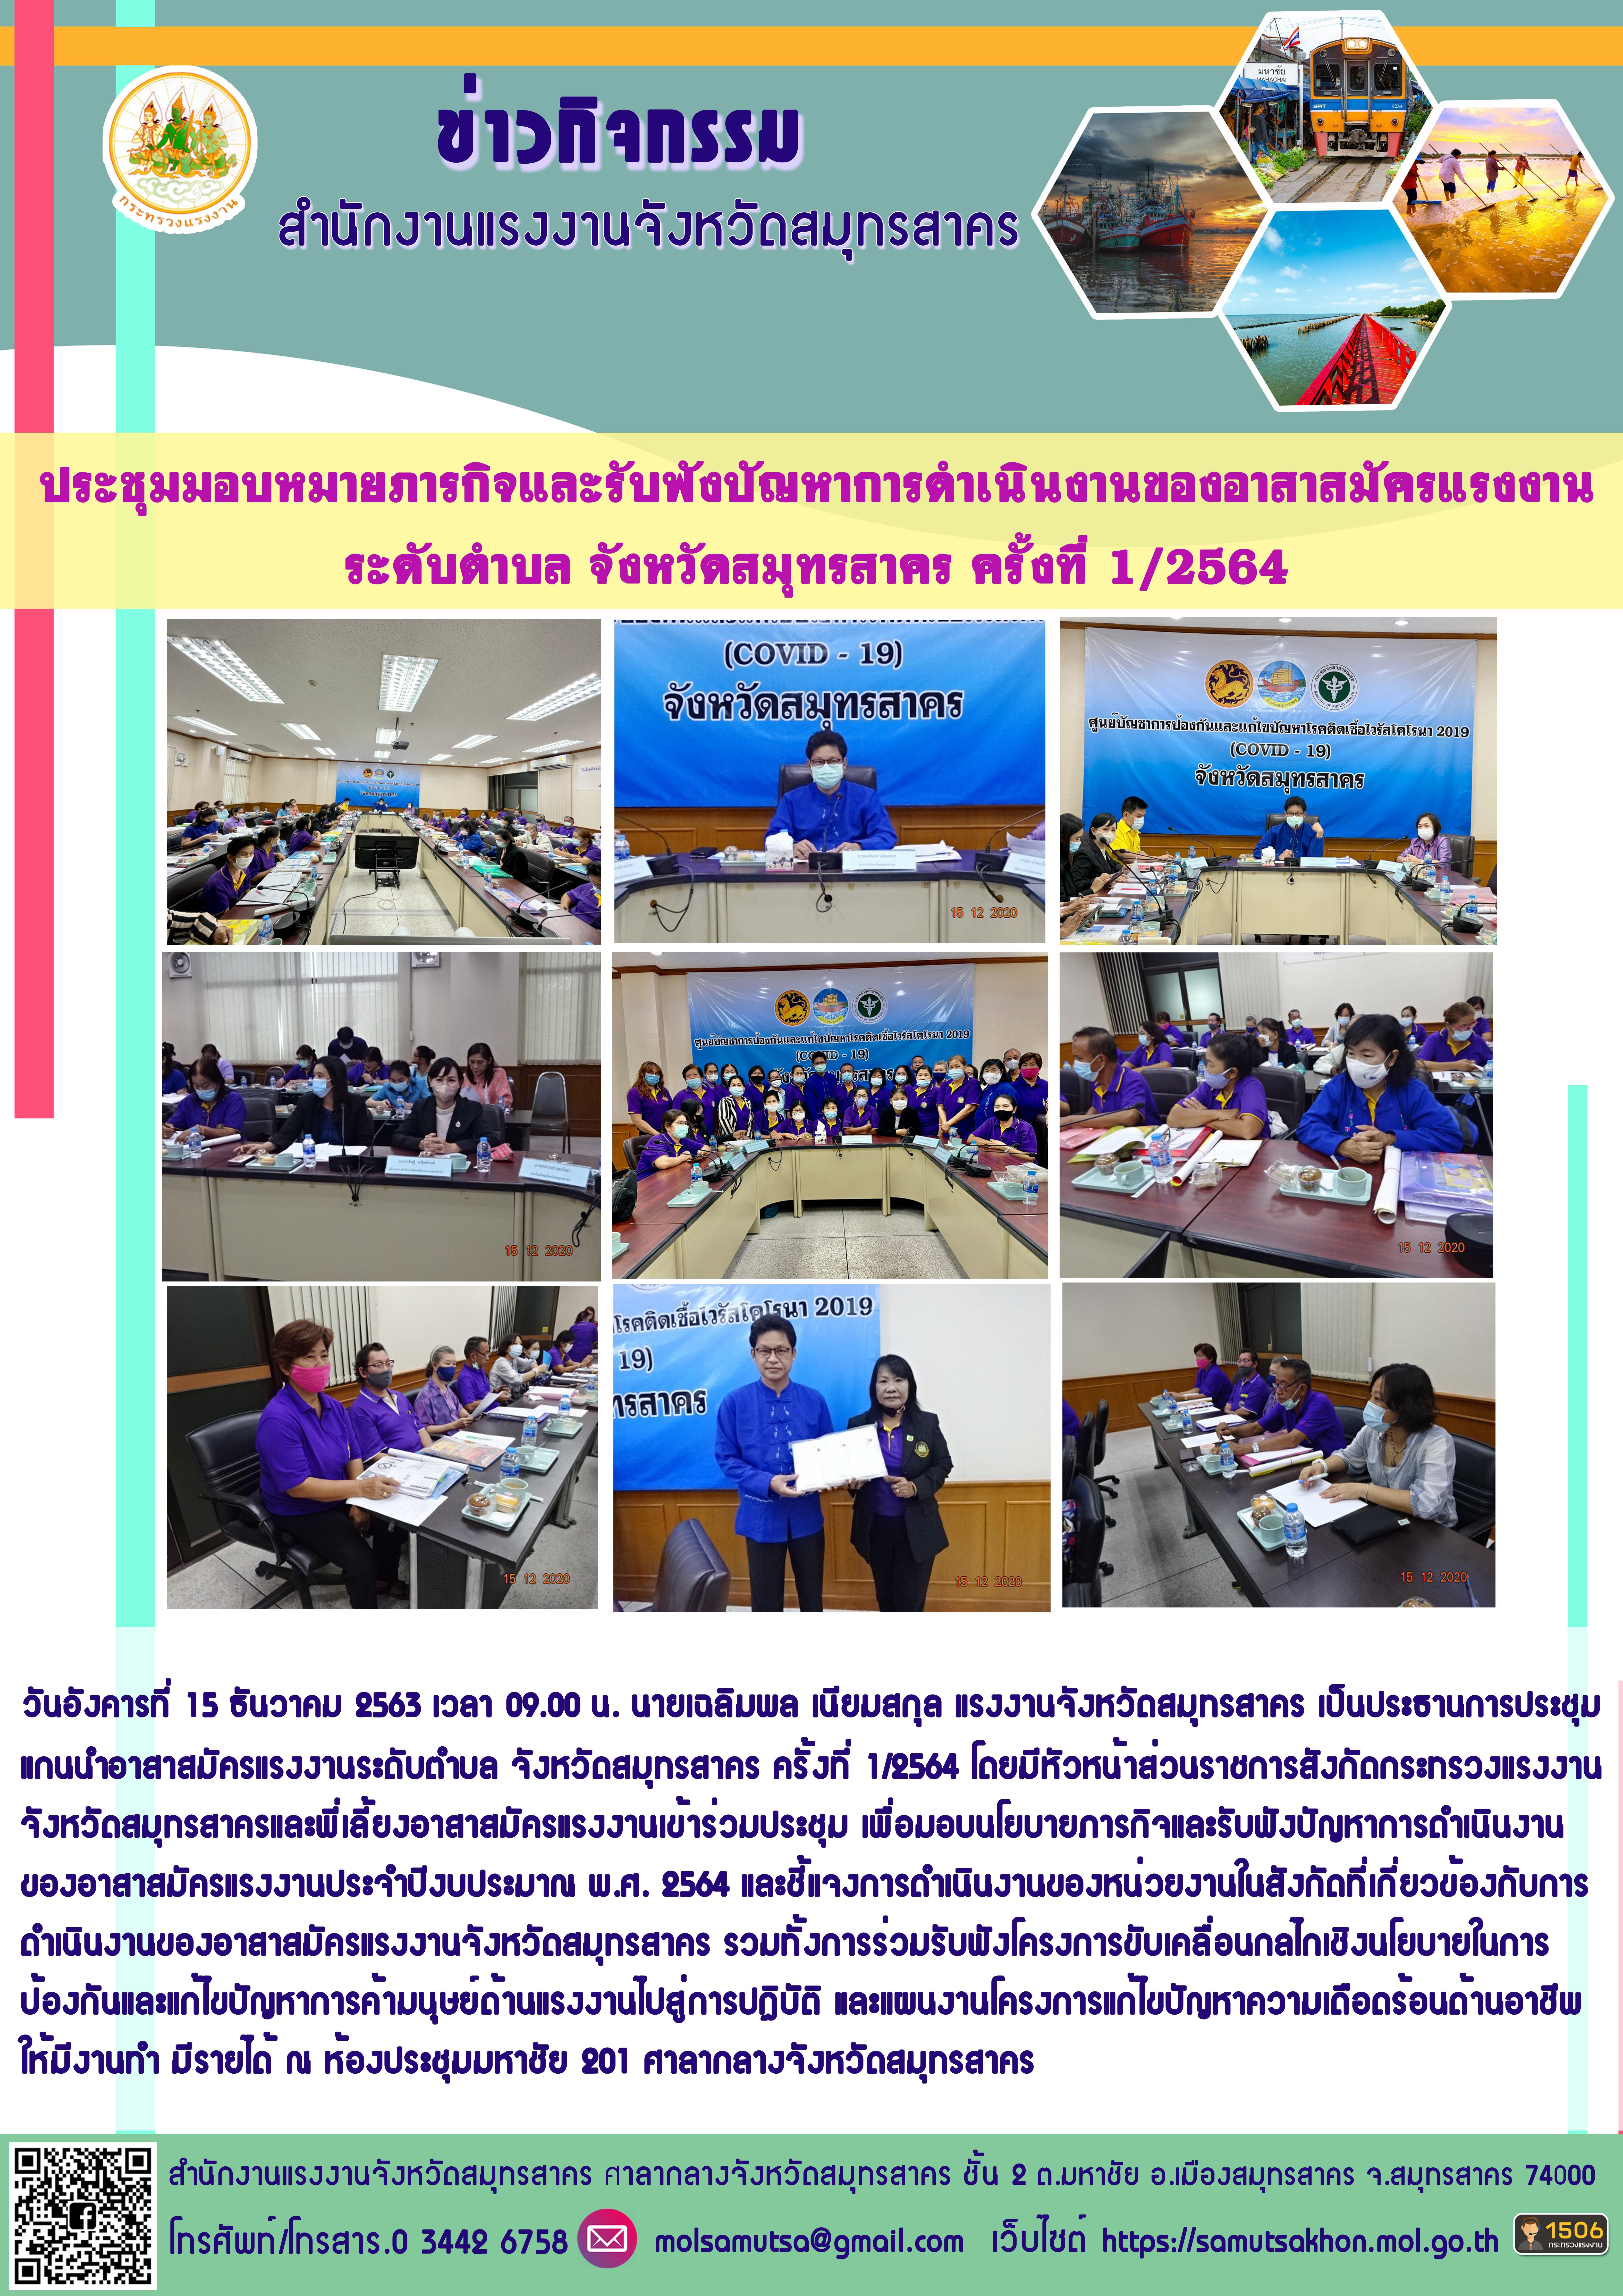 ประชุมมอบหมายภารกิจและรับฟังปัญหาการดำเนินงานของอาสาสมัครแรงงาน ระดับตำบล จังหวัดสมุทรสาคร ครั้งที่ 1/2564